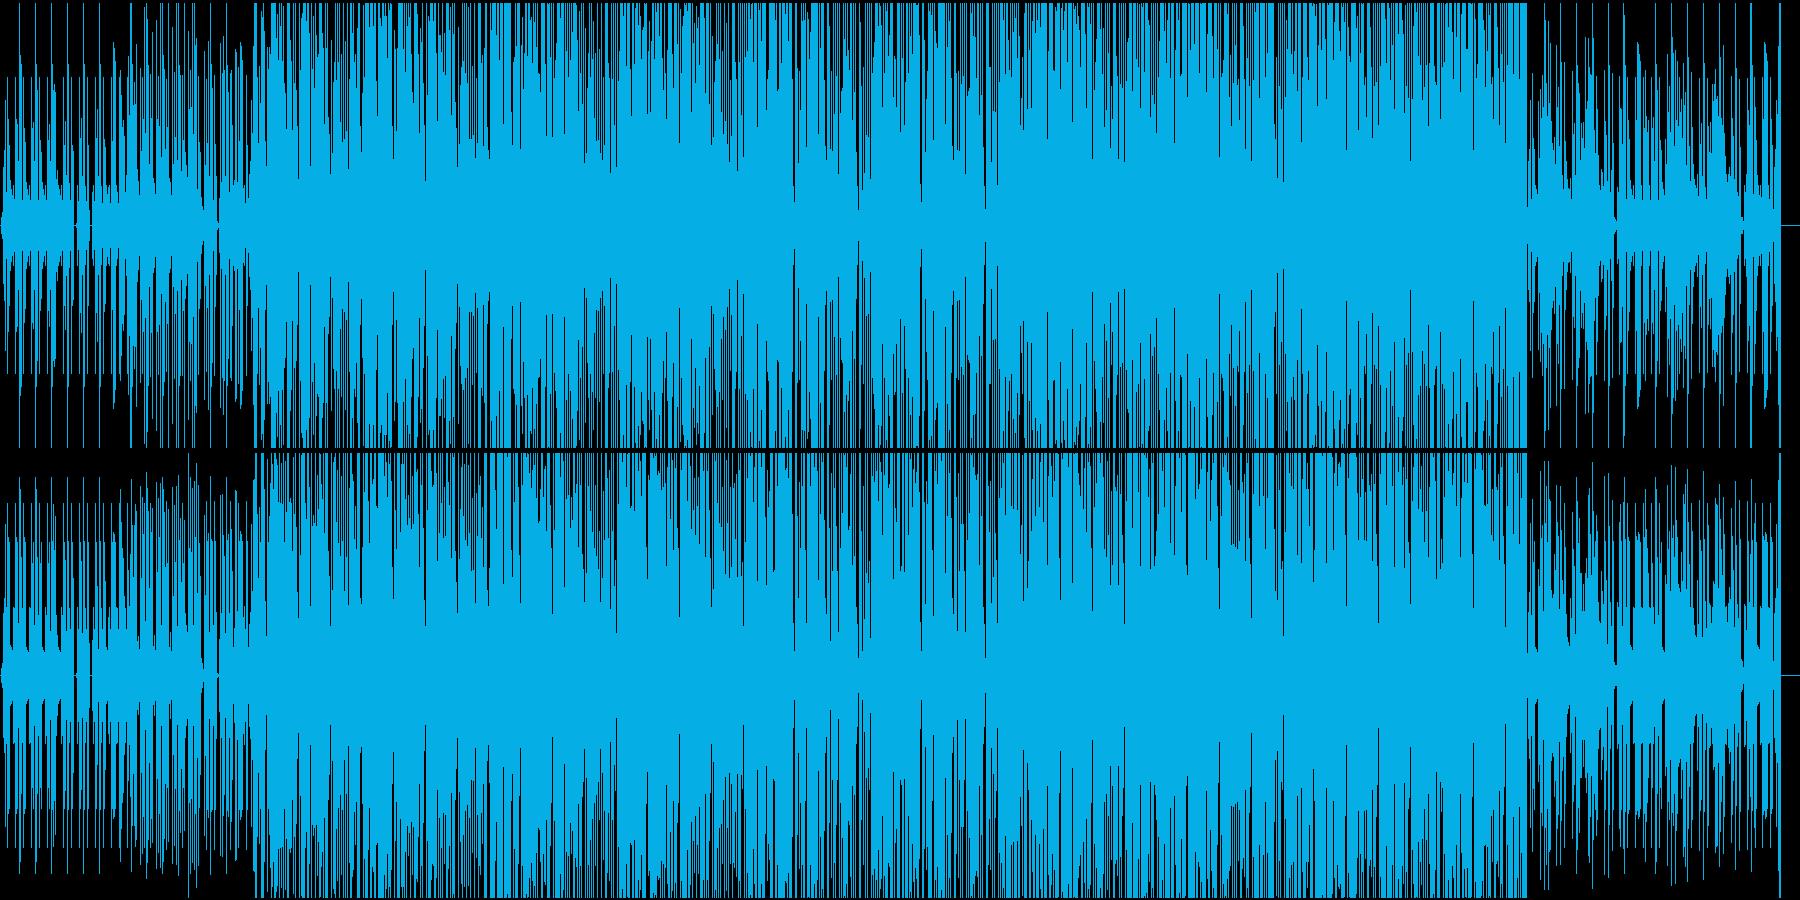 迷宮の探索をイメージしたカットアップの再生済みの波形